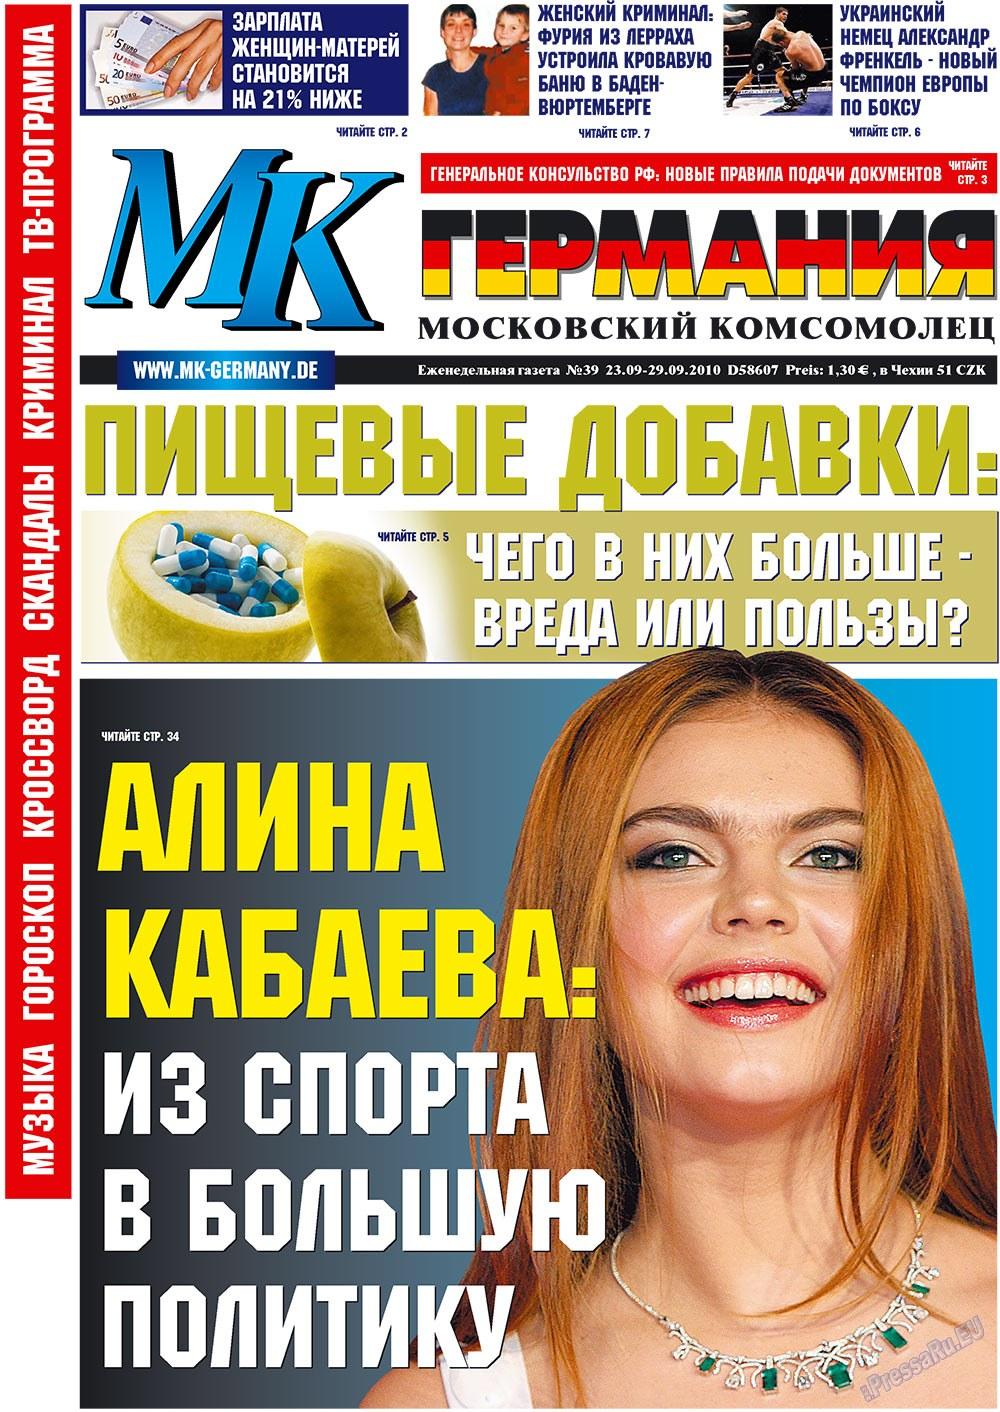 МК-Германия (газета). 2010 год, номер 39, стр. 1